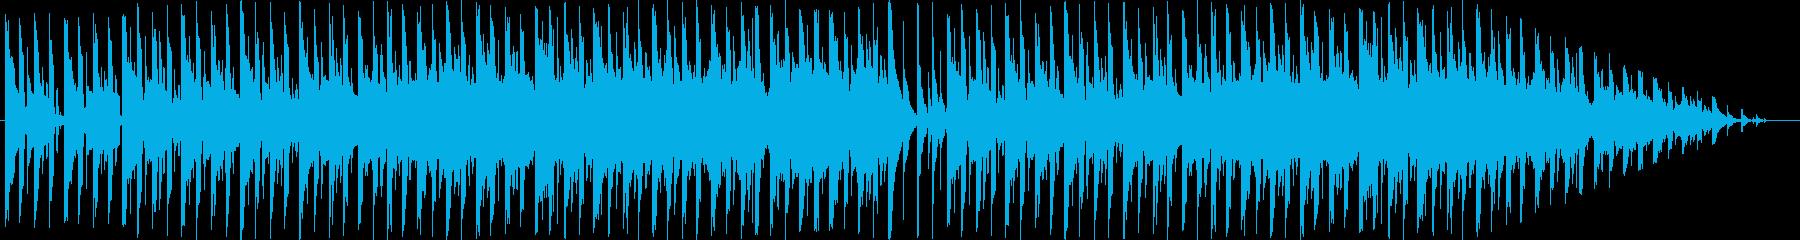 ダンスボールルーム。クンビアポップ...の再生済みの波形